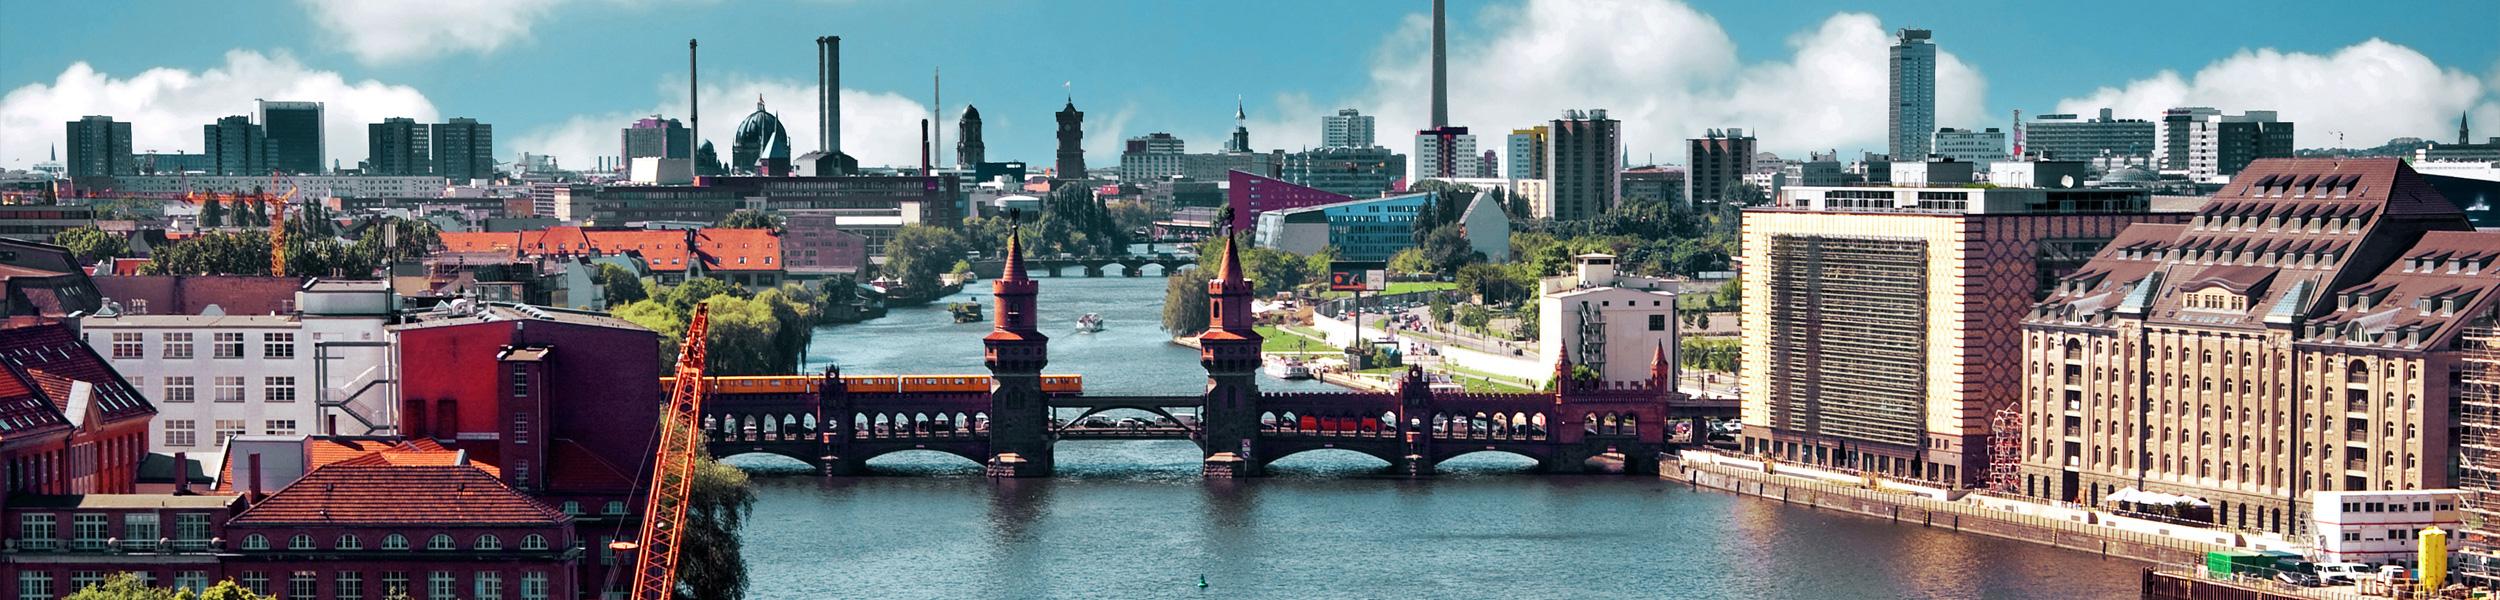 Engineering Lead Berlin, Germany